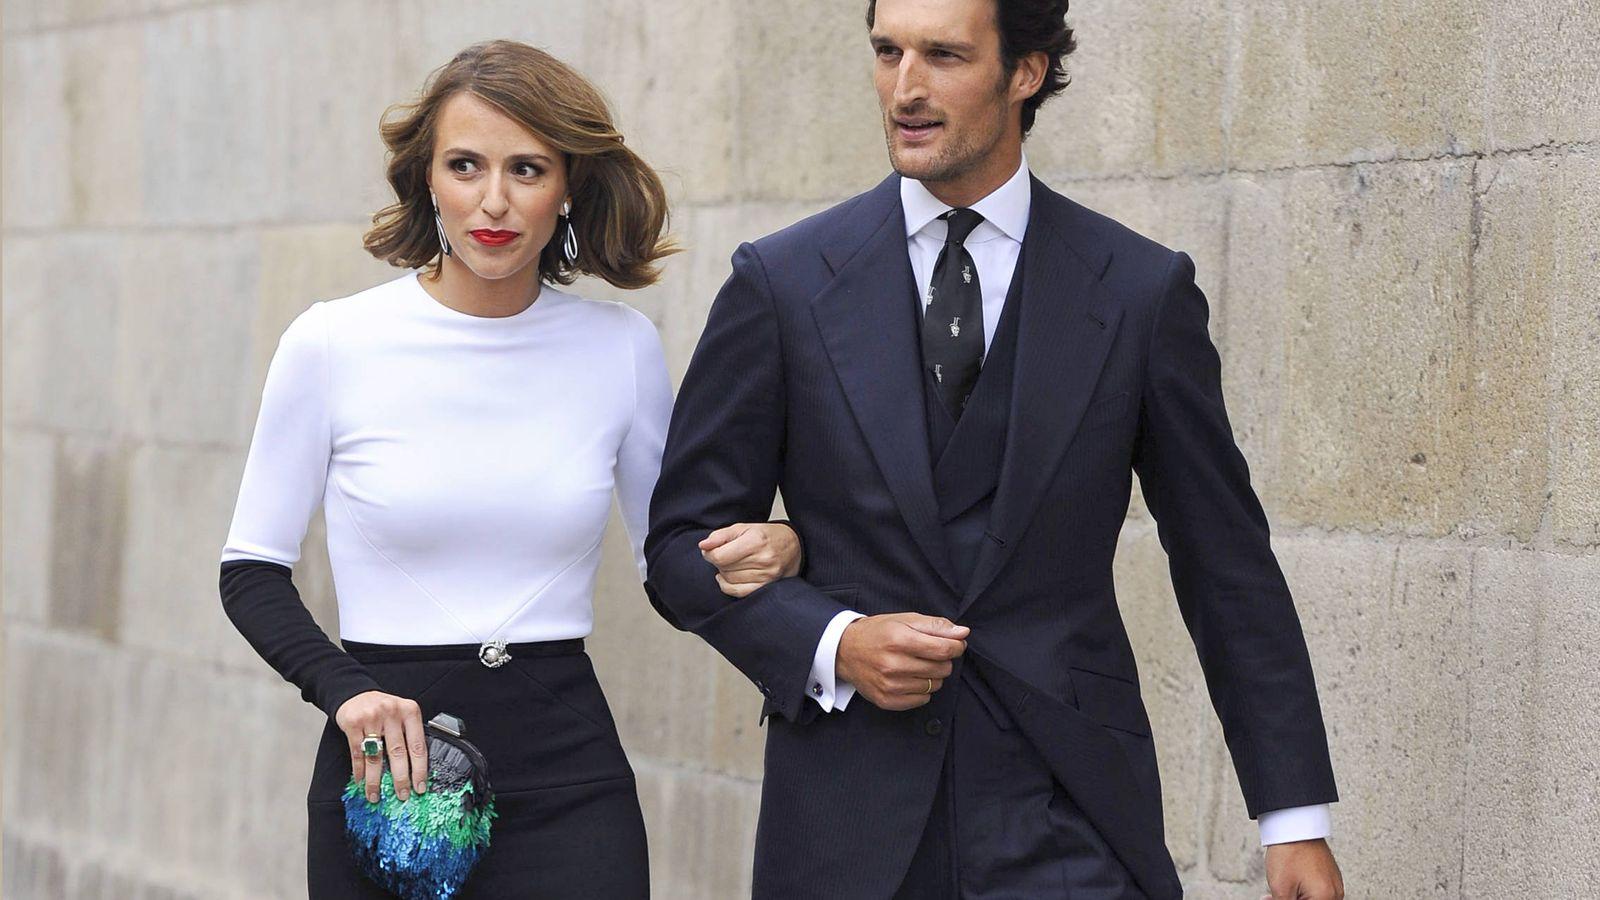 Foto: Rafa Medina y Laura Vecino son una de las parejas más elegantes del panorama celebrity actual. (Gtres)